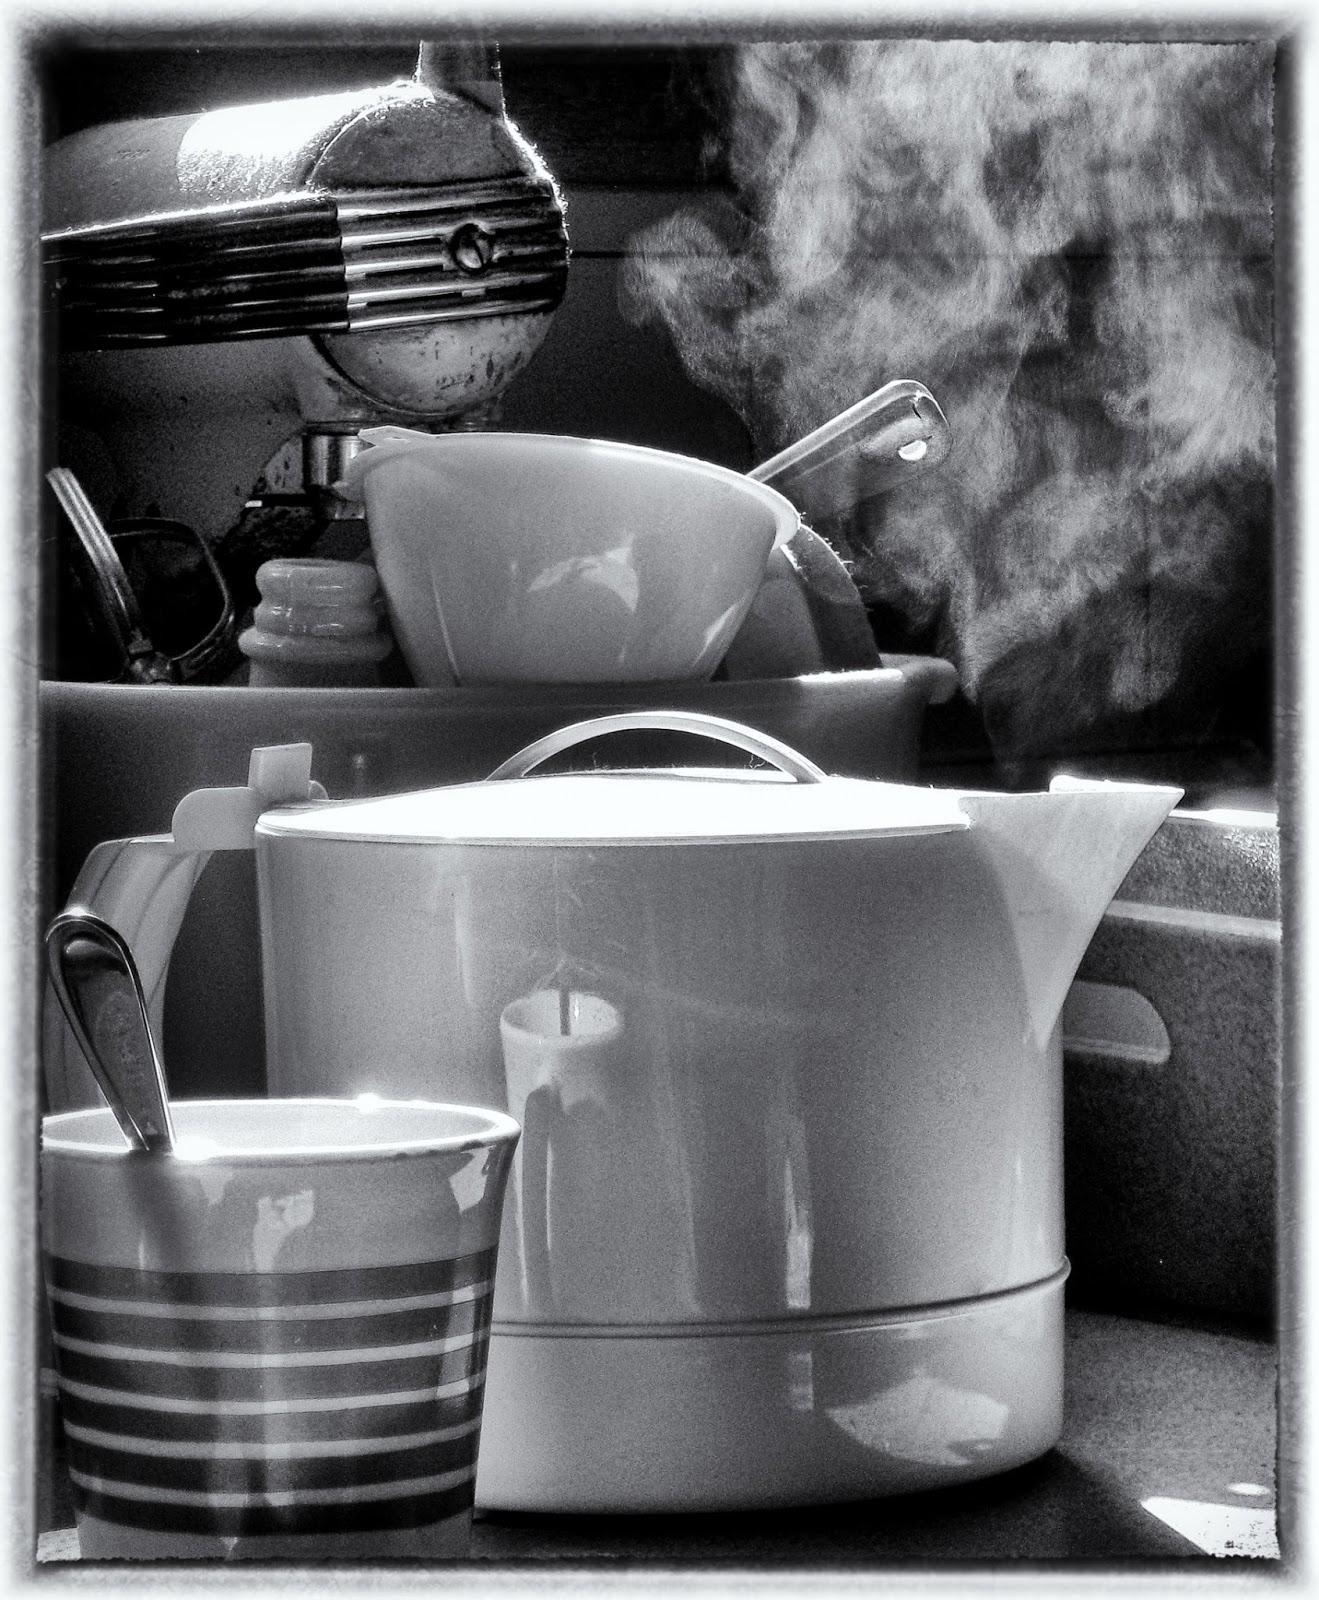 zenracer: Morning Brew